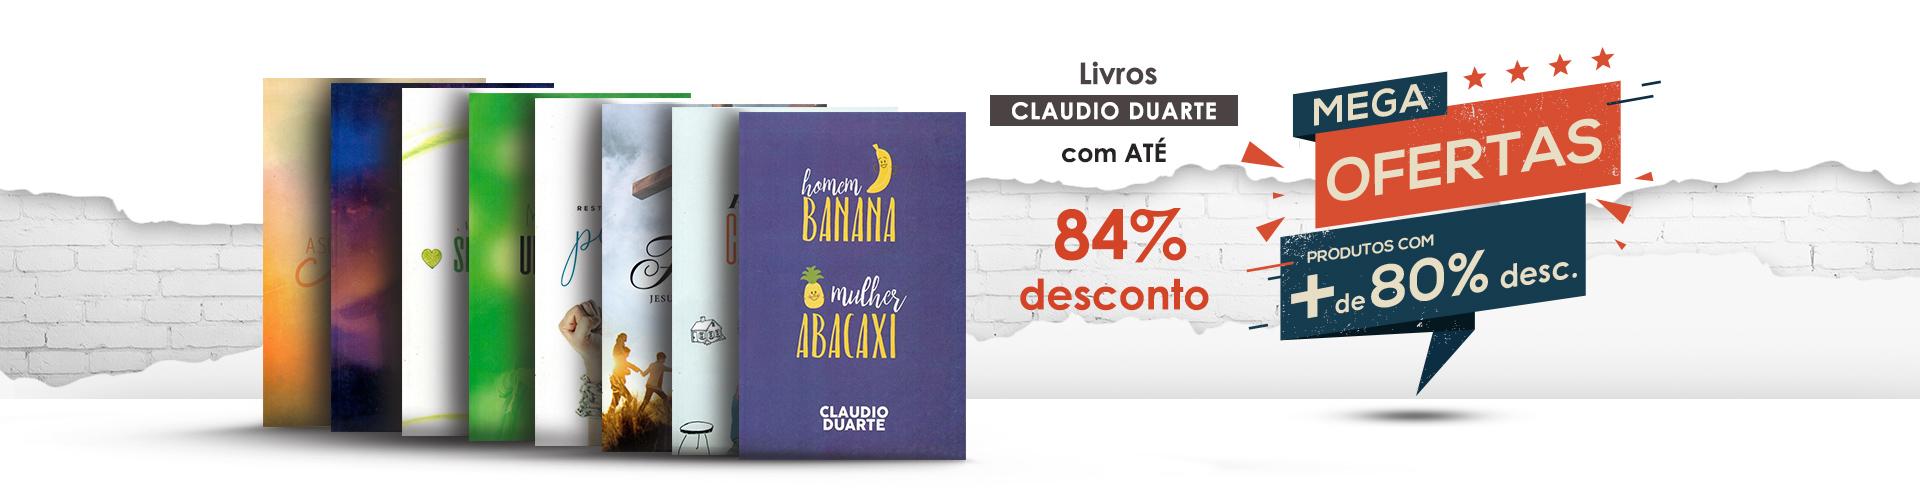 Livros Claudio Duarte